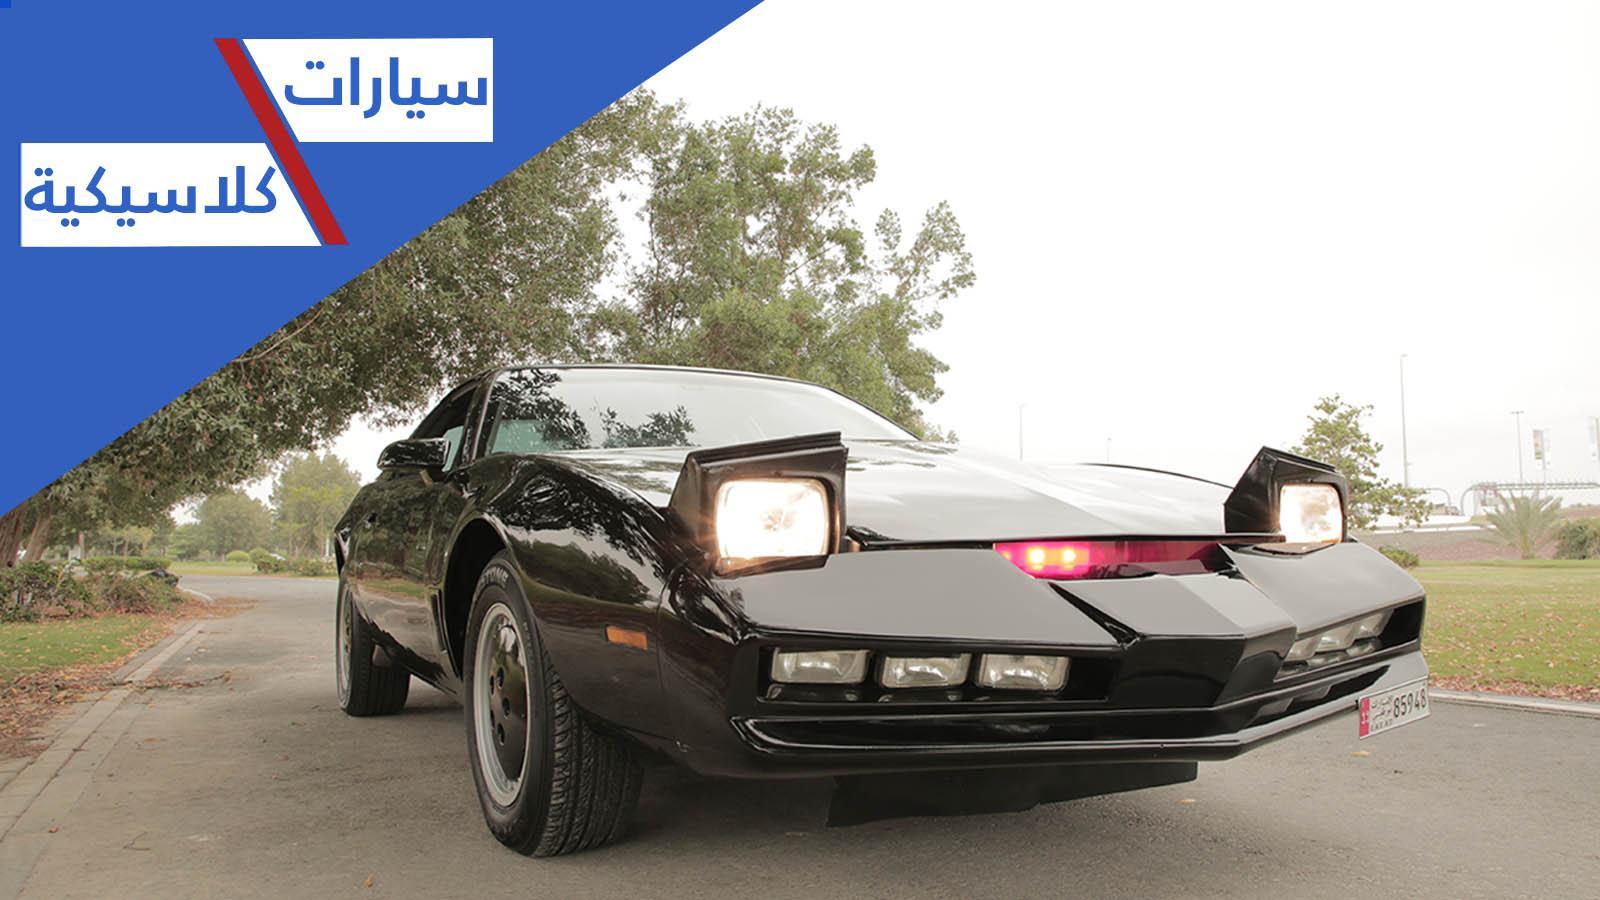 فيديو: سيارة نايت رايدر من ابو ظبي... حلم يتحق